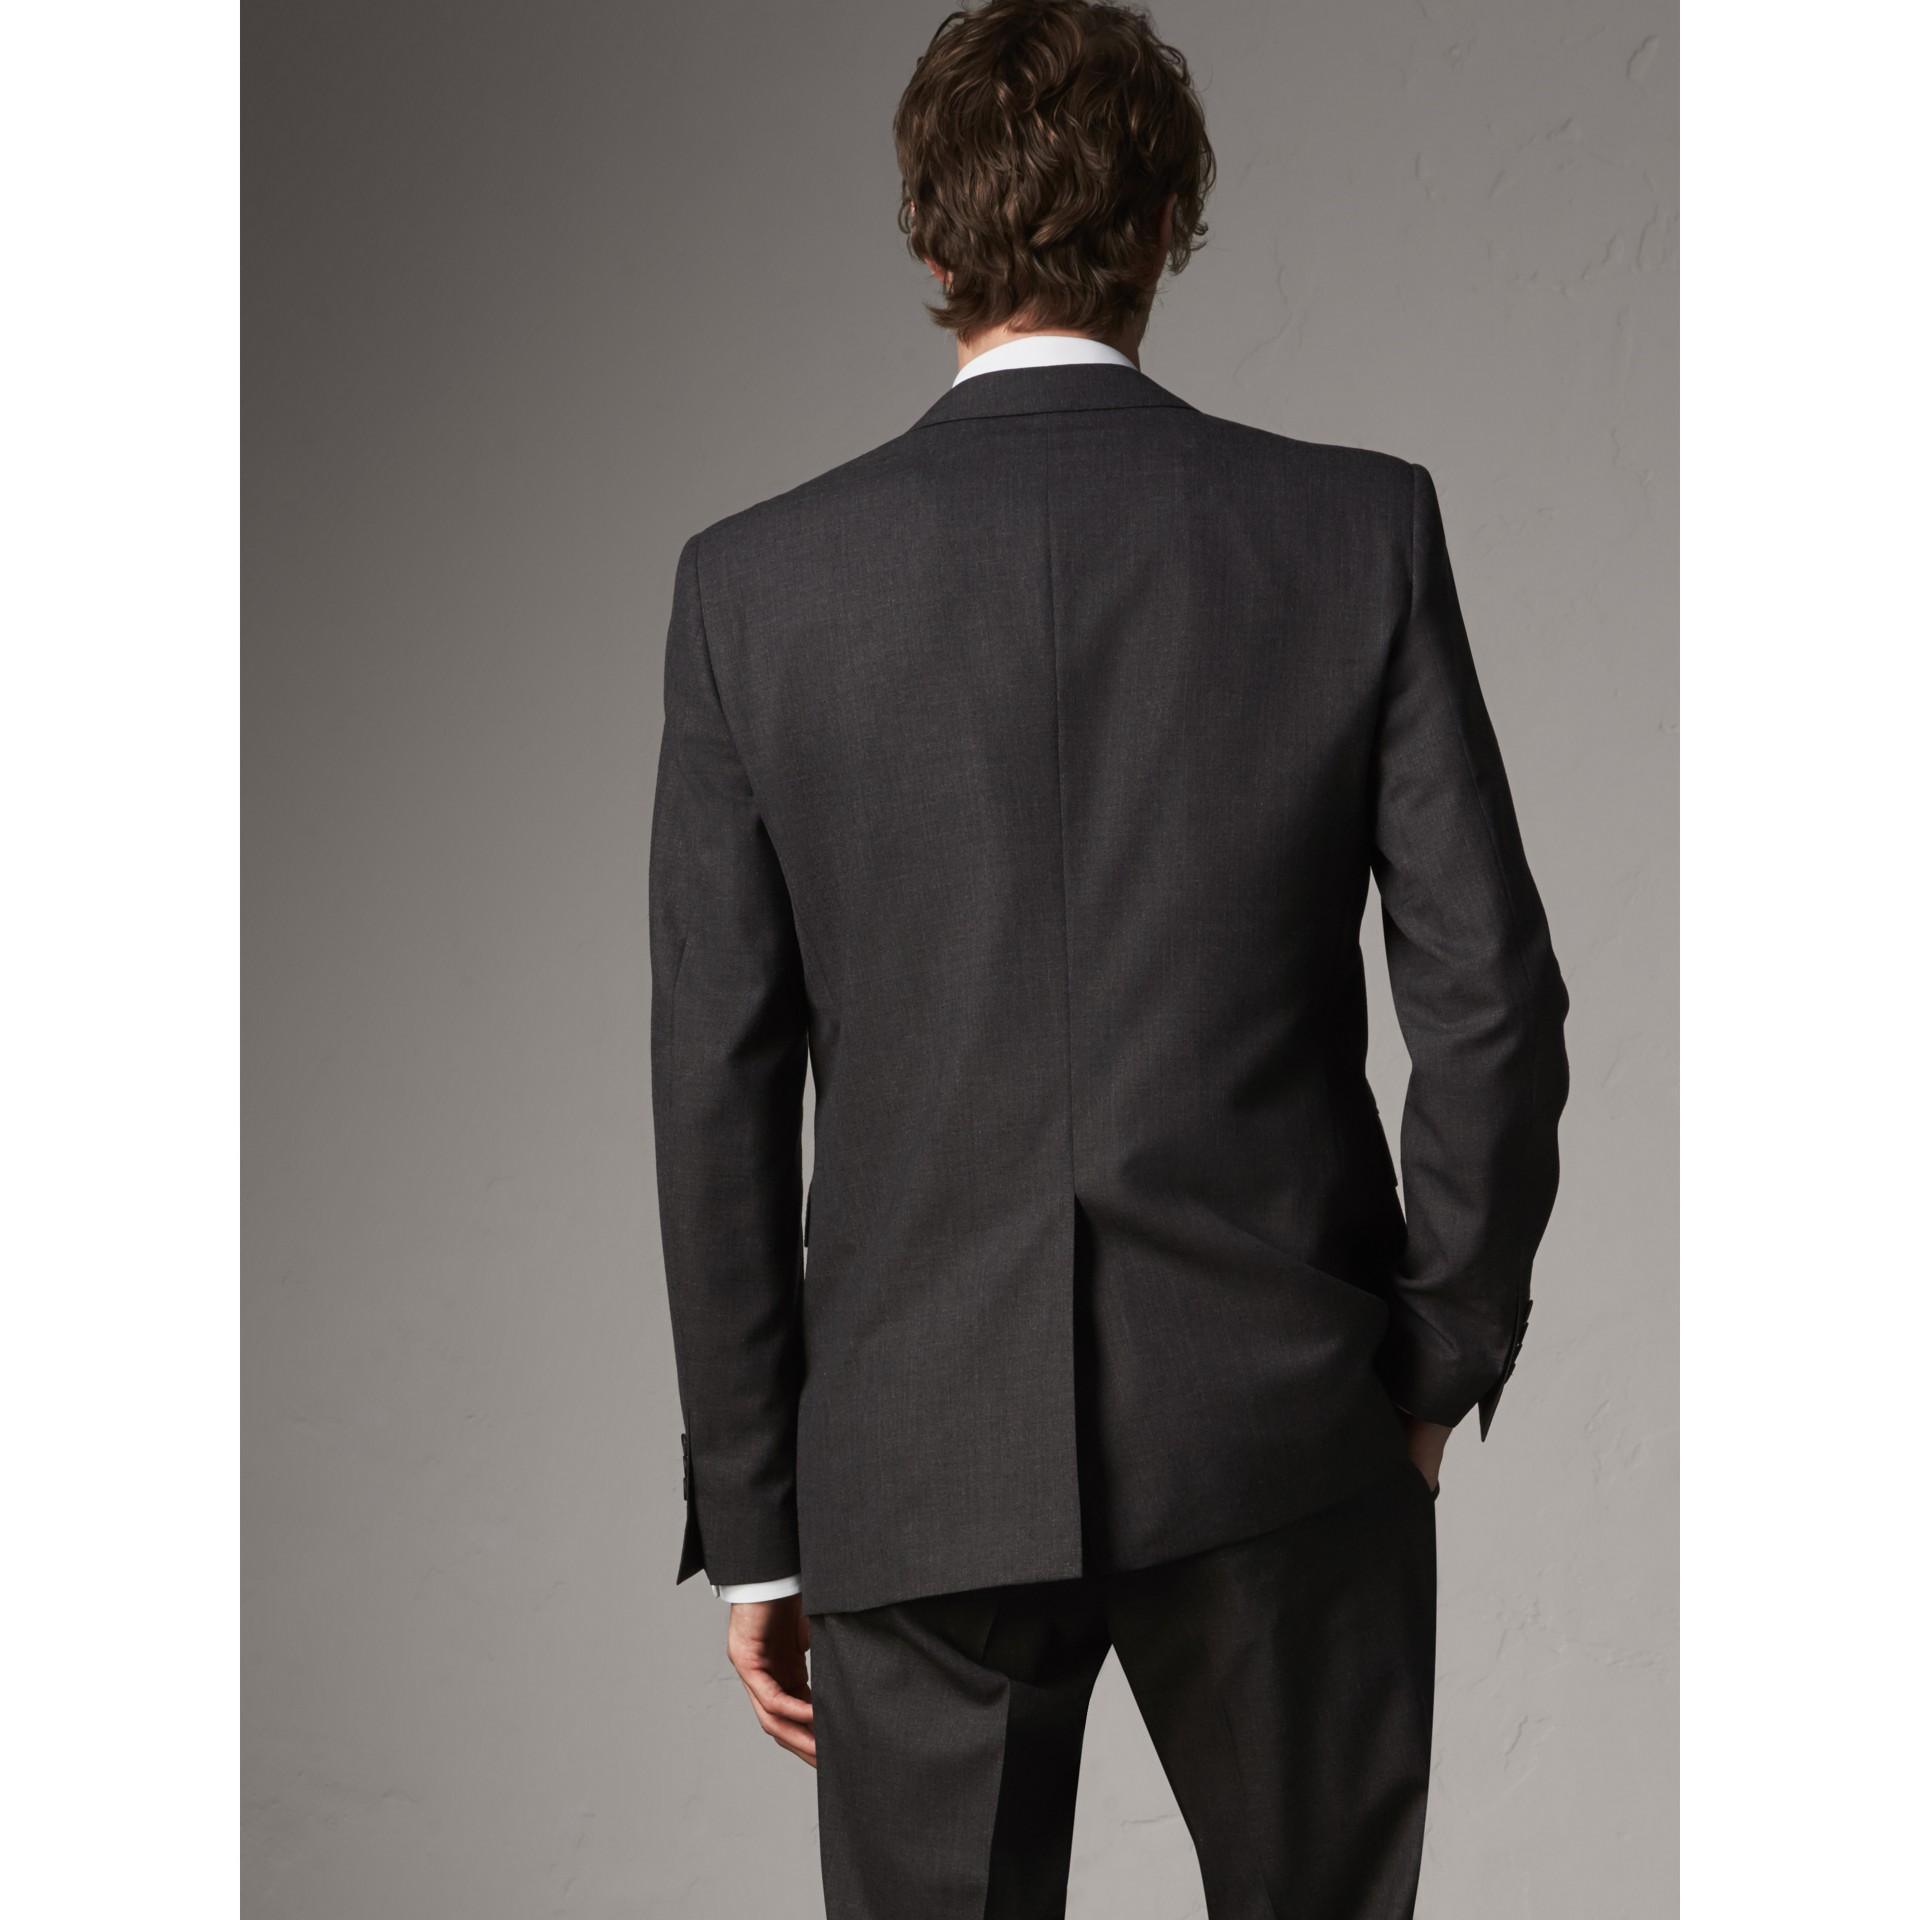 Modern geschnittener Part-Canvas-Anzug aus Wolle (Anthrazitfarben) - Herren | Burberry - Galerie-Bild 3